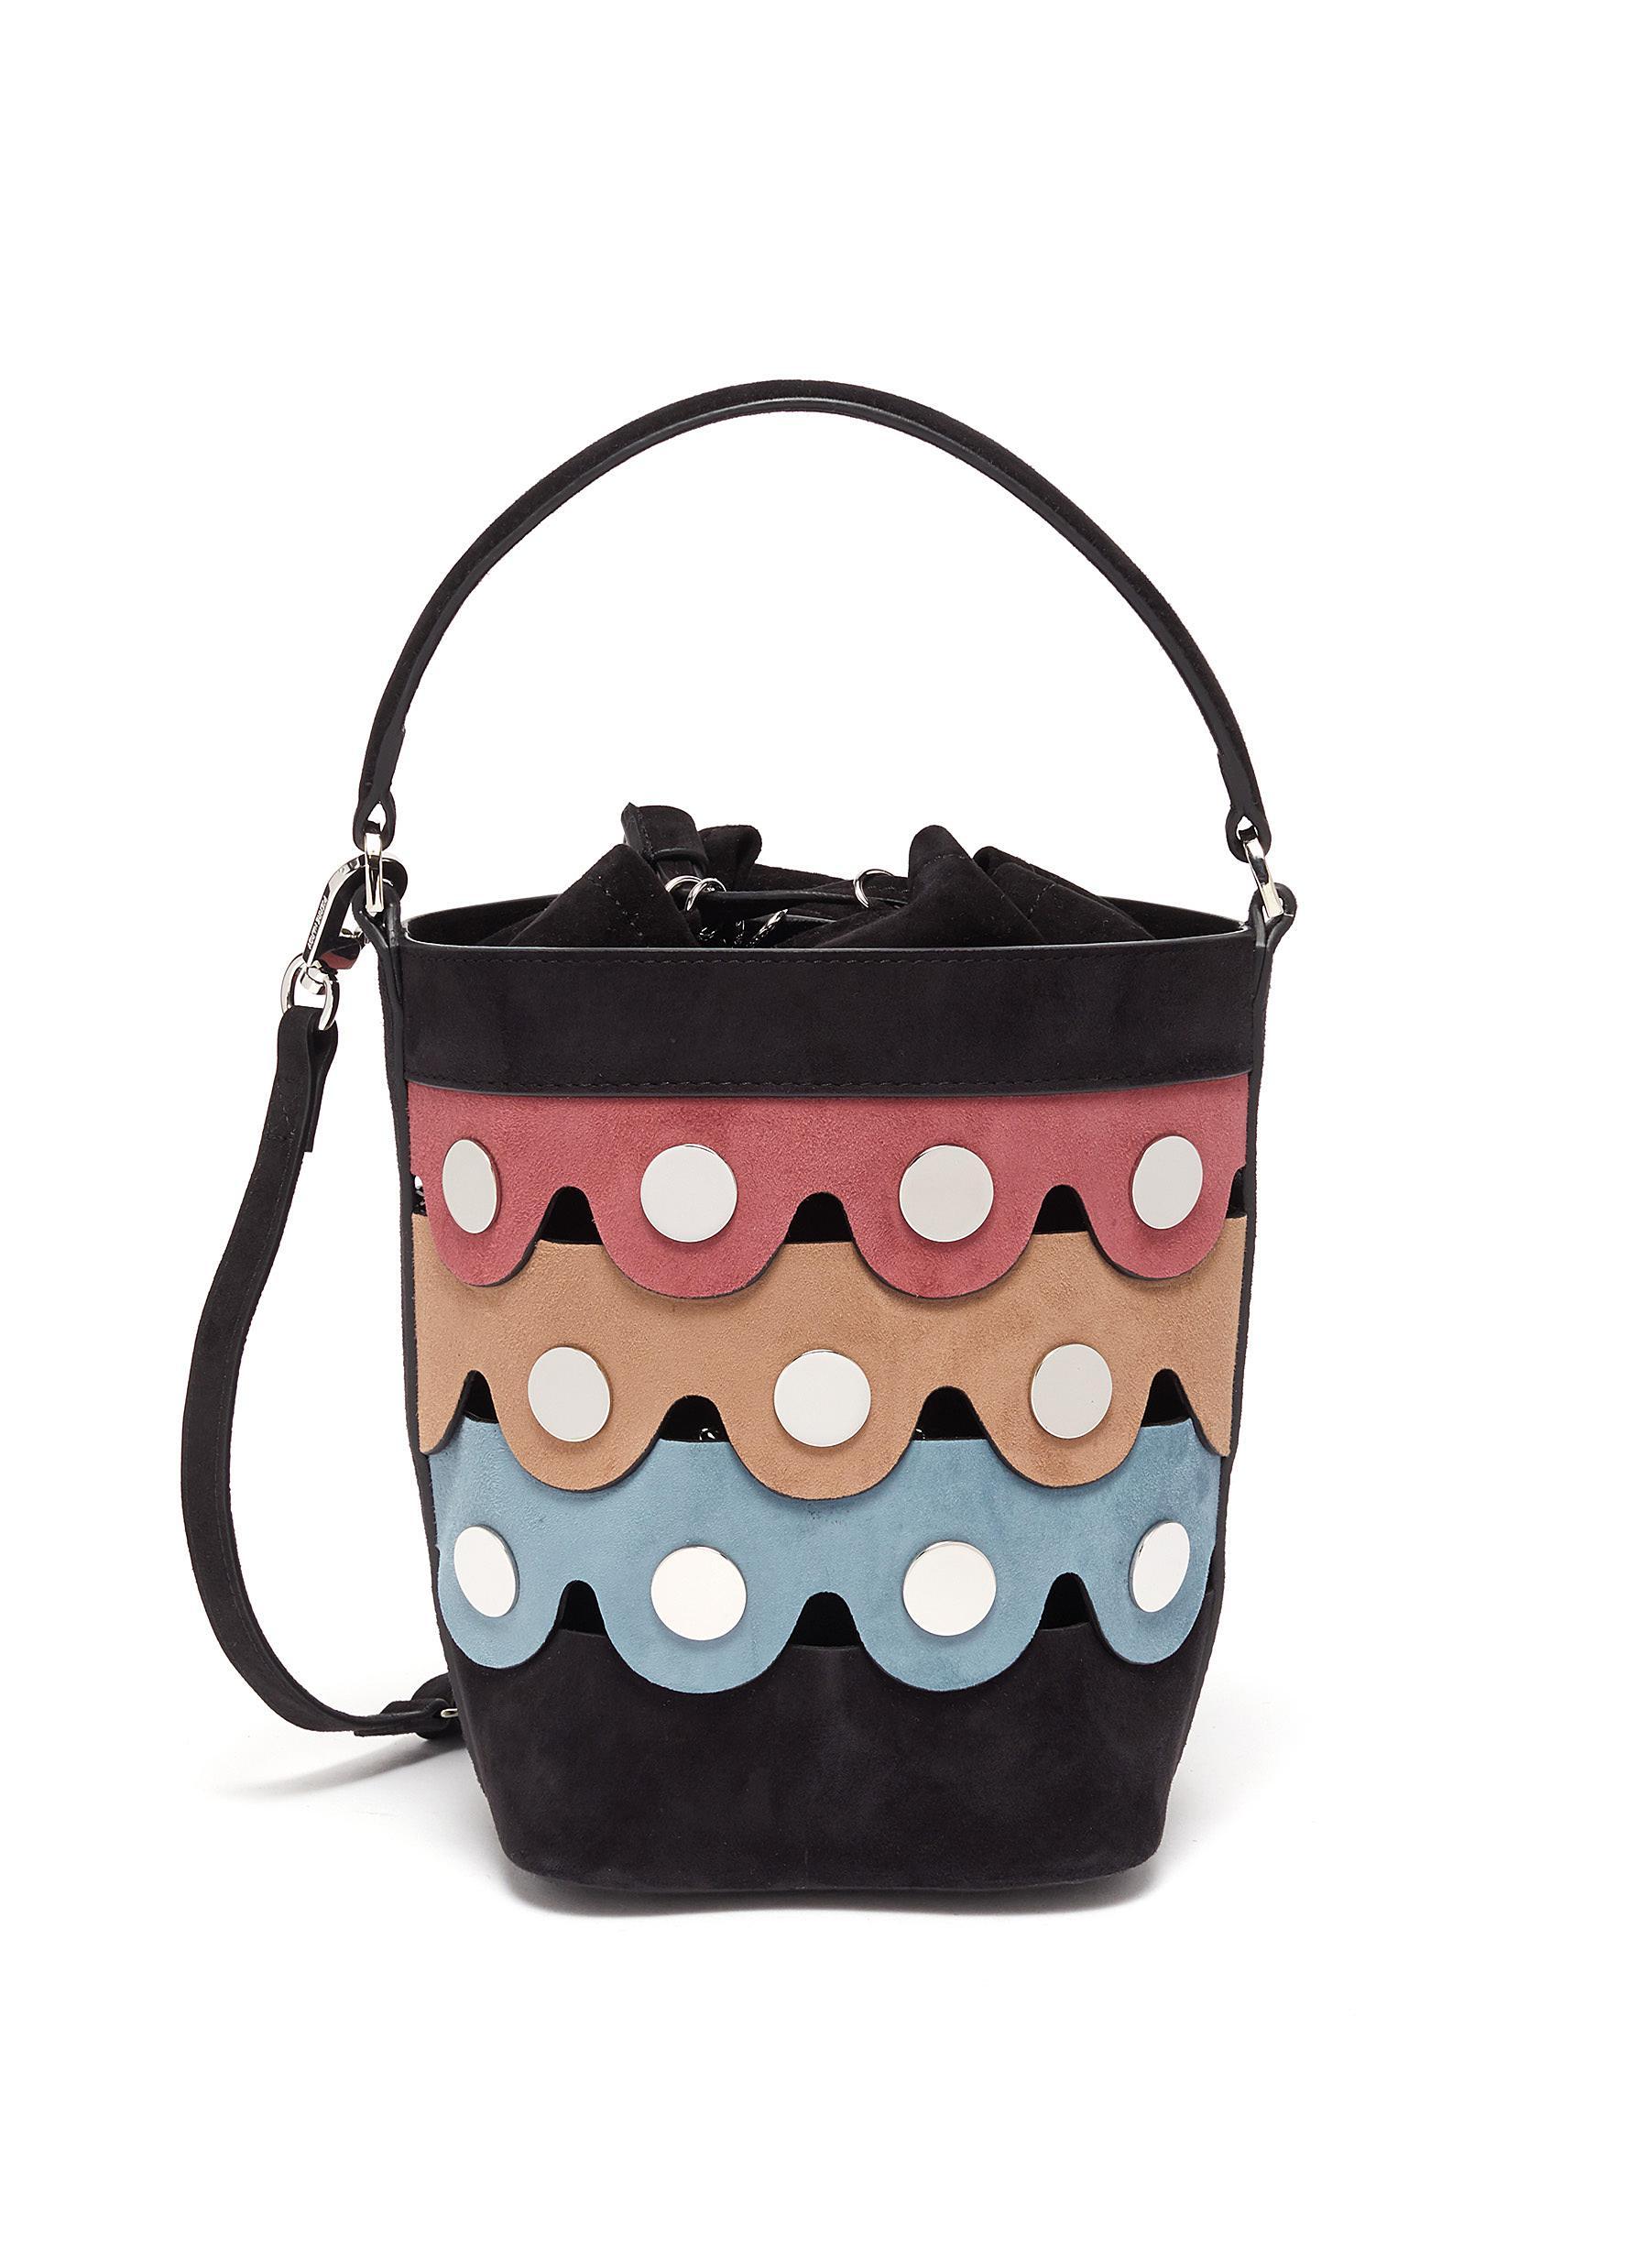 Penny' Suede Bucket Bag - PIERRE HARDY - Modalova